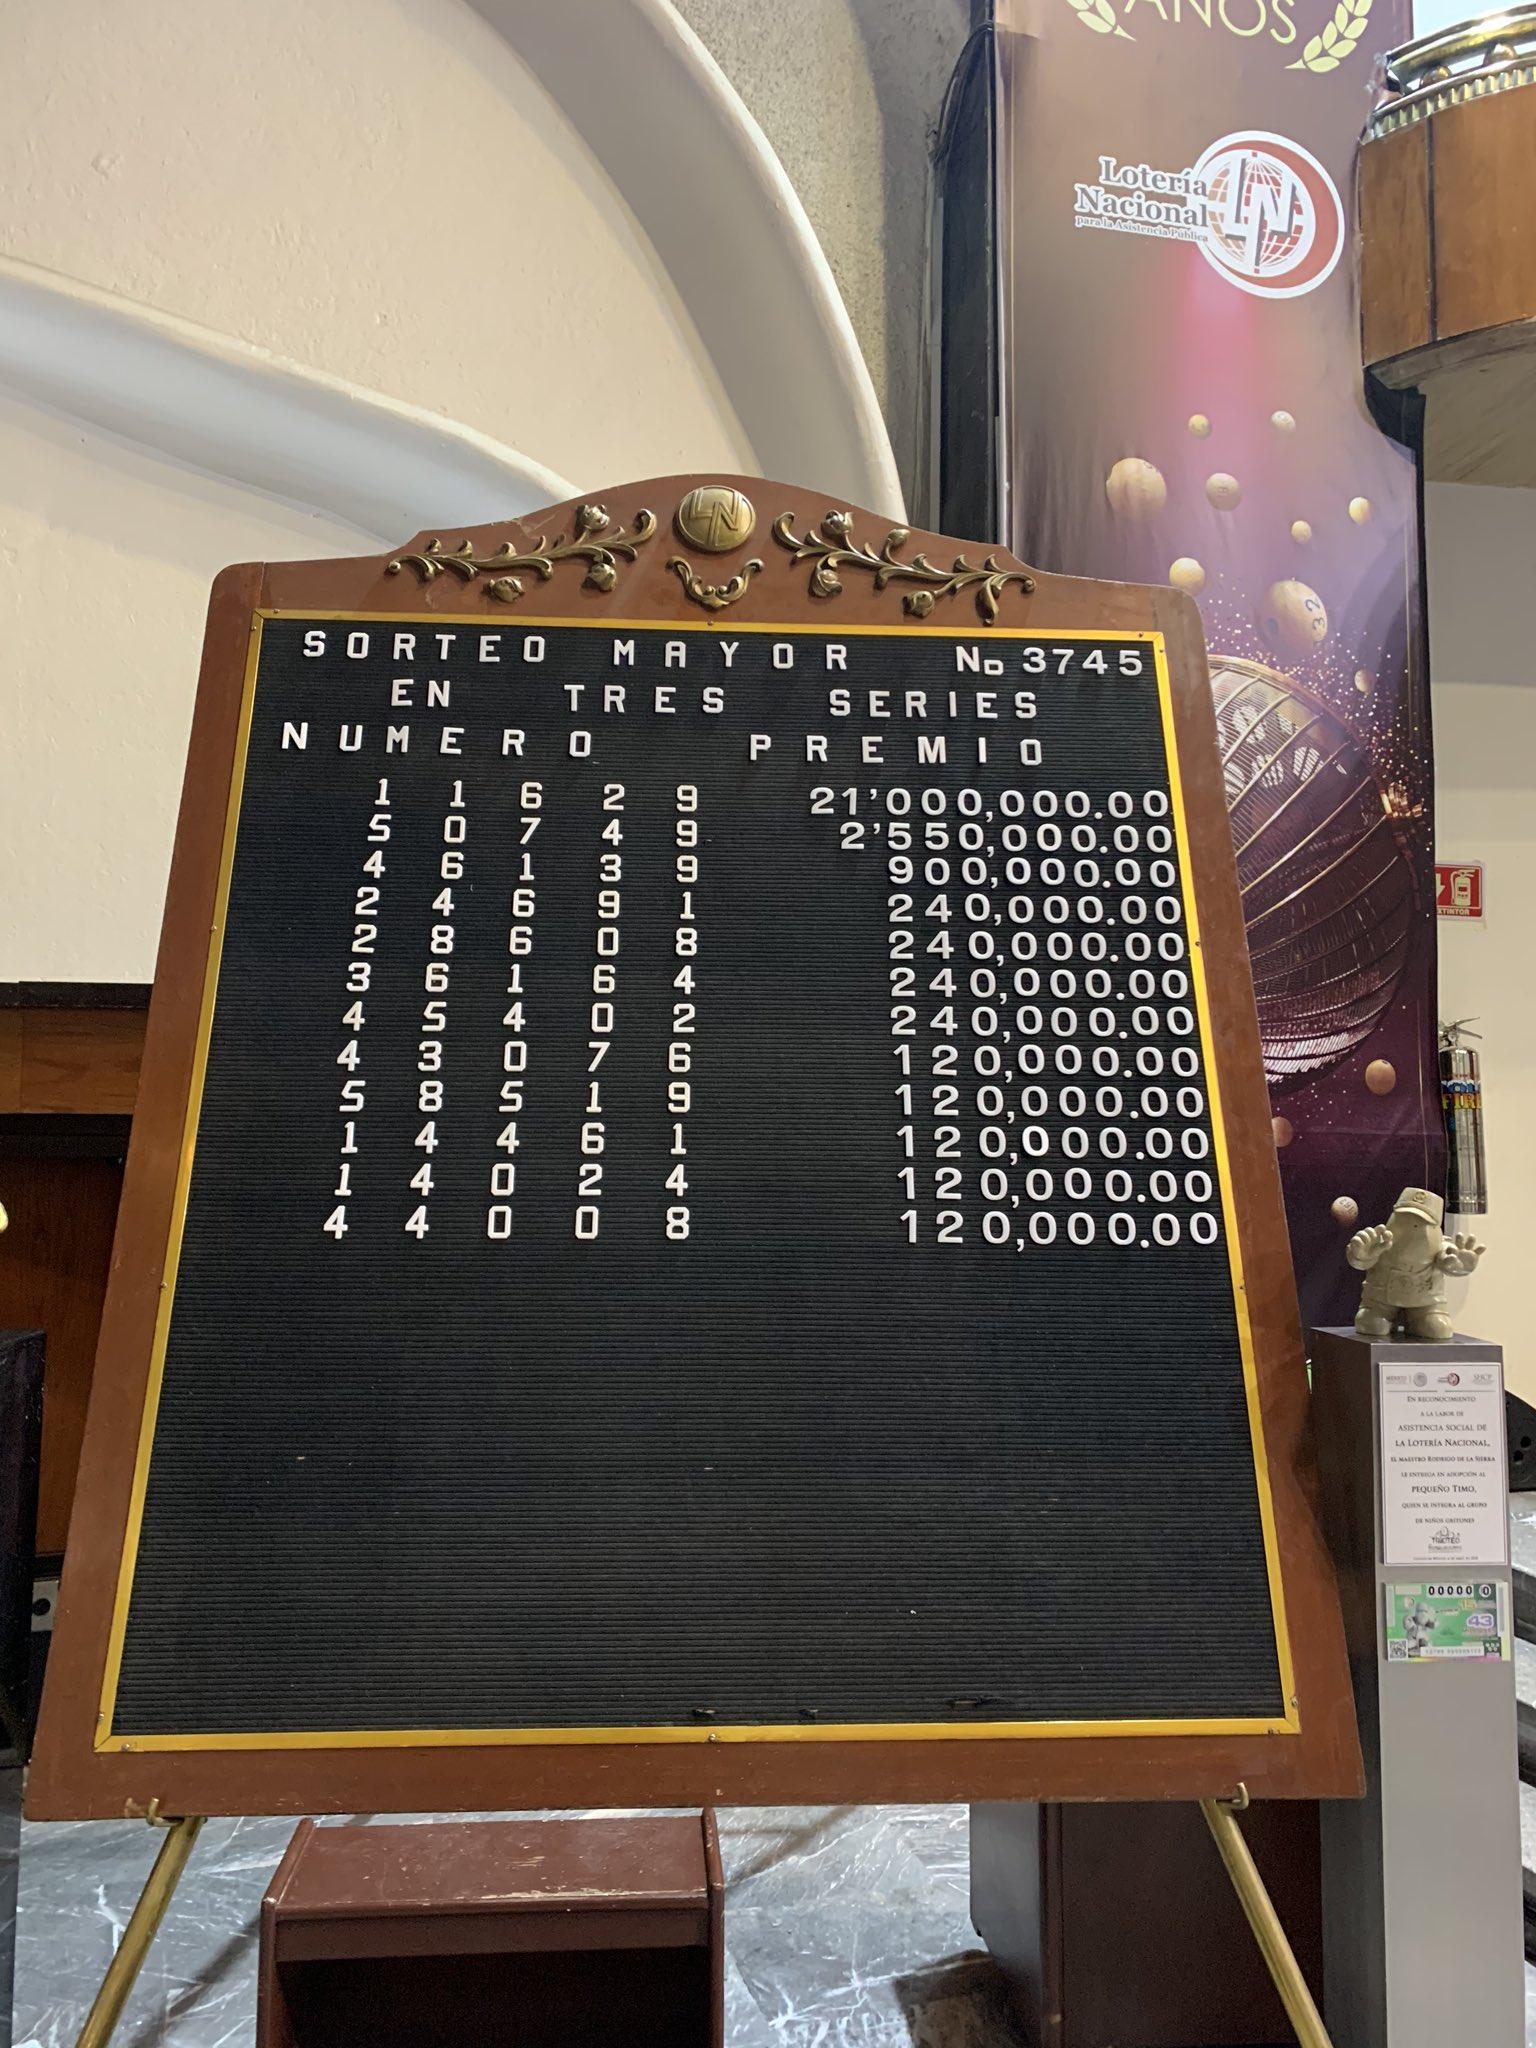 Resultados sorteo mayor 3745